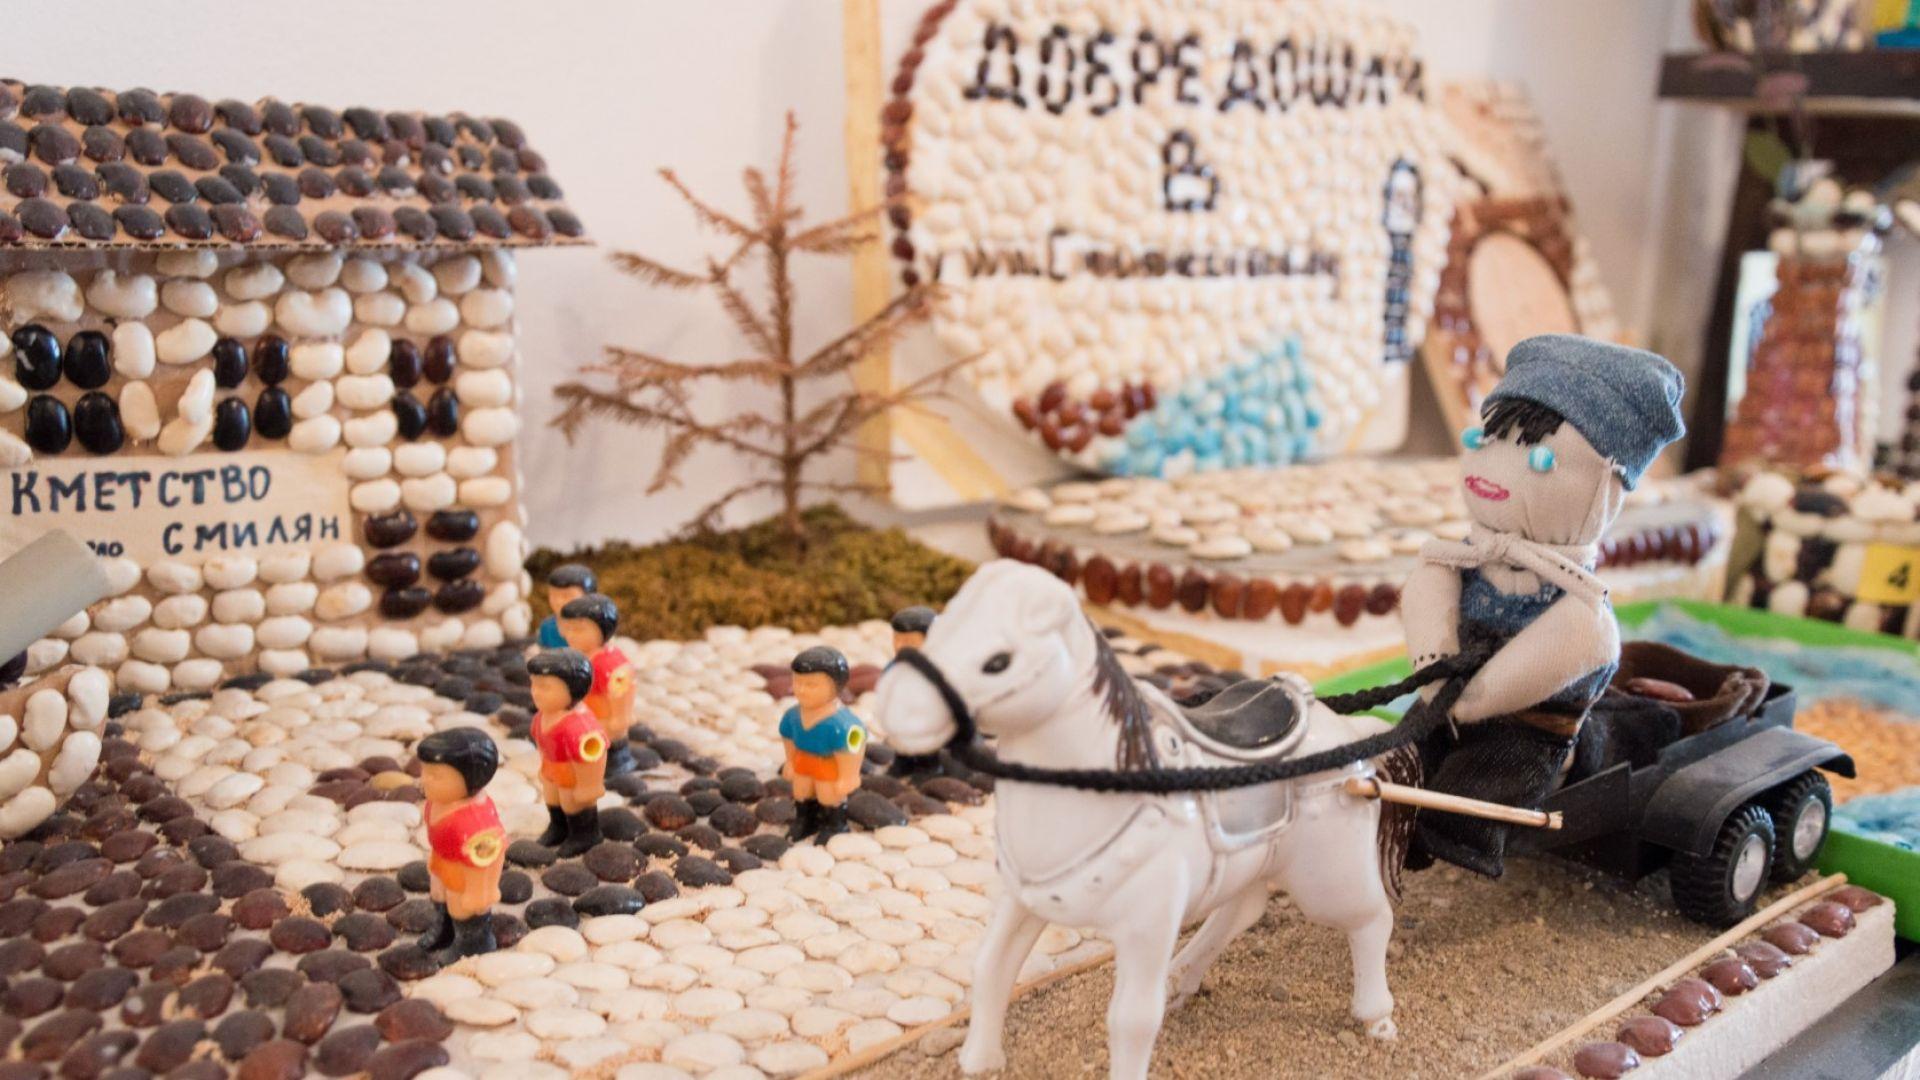 Село Смилян и музея на смилянския боб